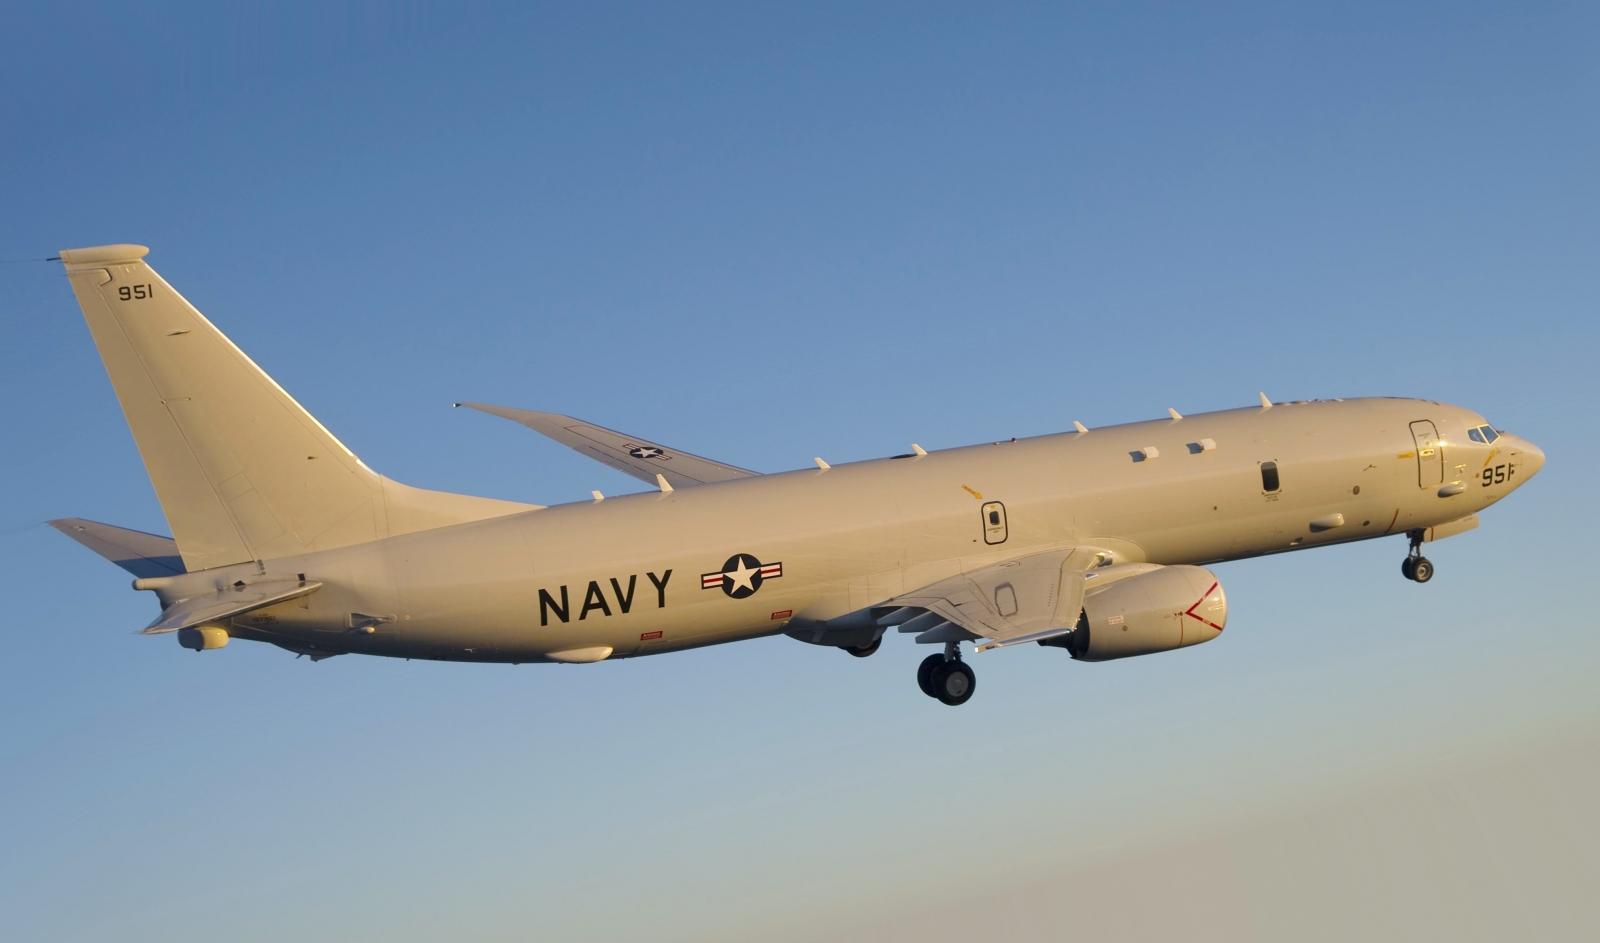 US Navy P-8 Poseidon